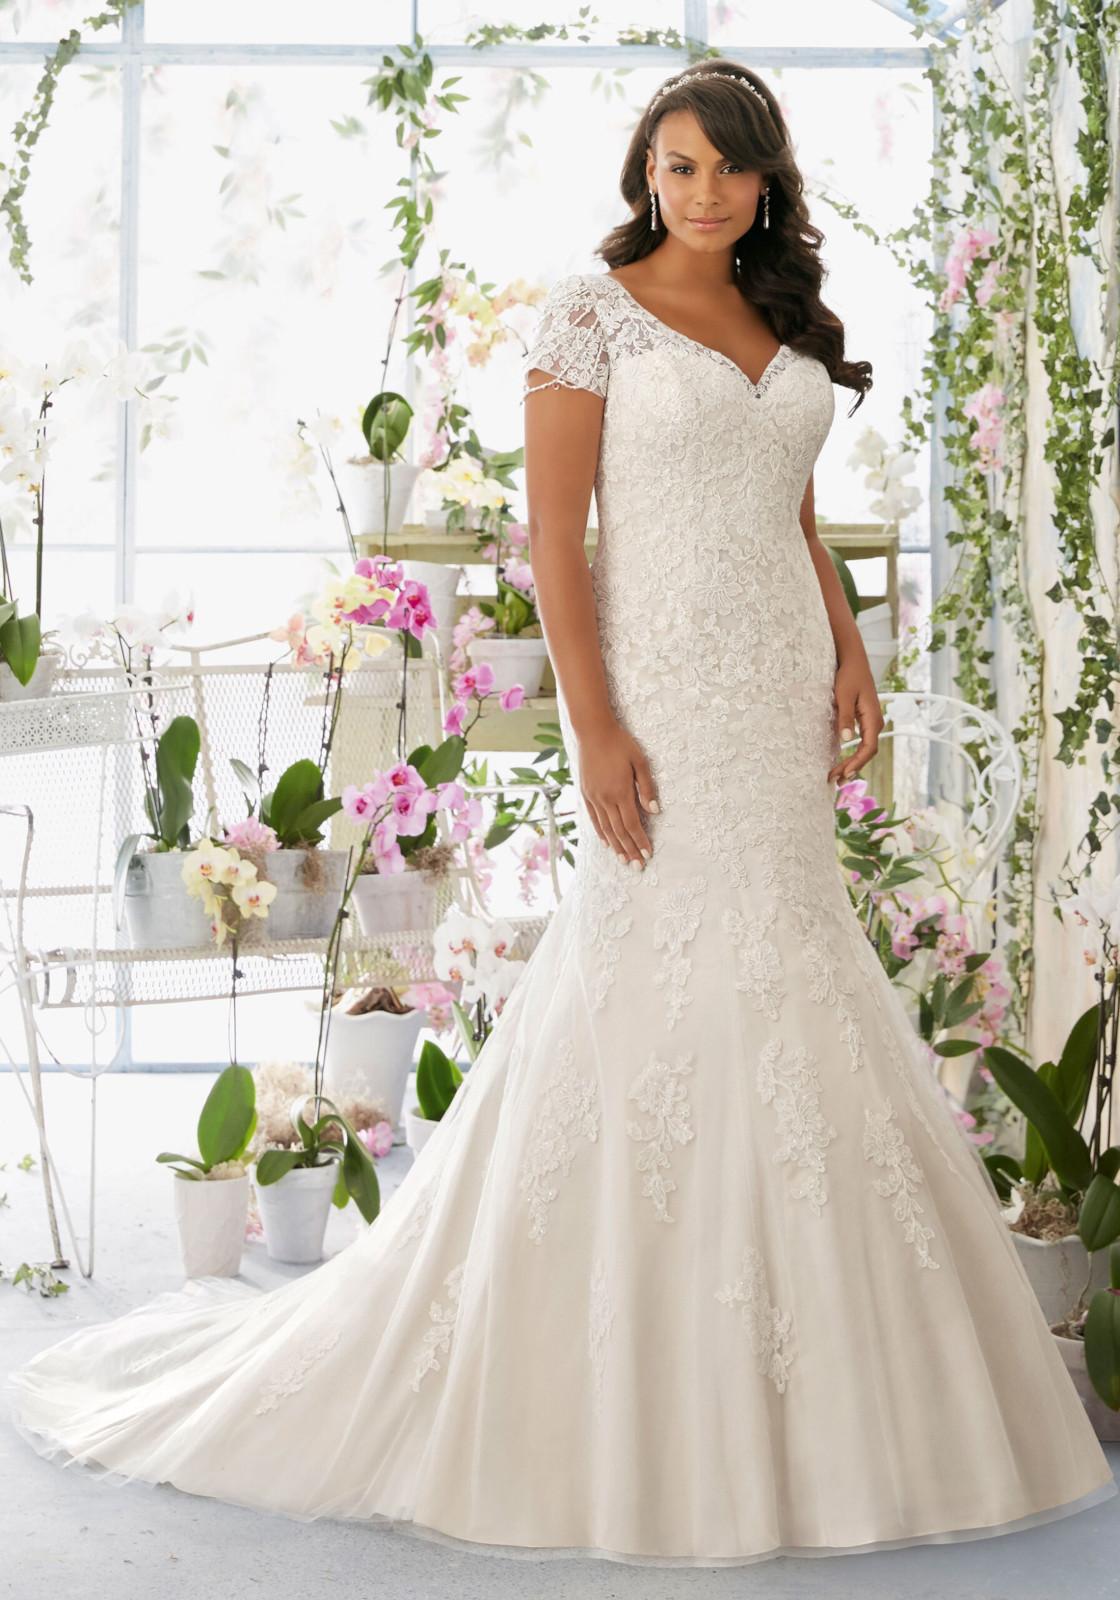 Νυφικό Φόρεμα, MORLEE Plus Size για Κομψή Παχουλή Νύφη, Style. 3197